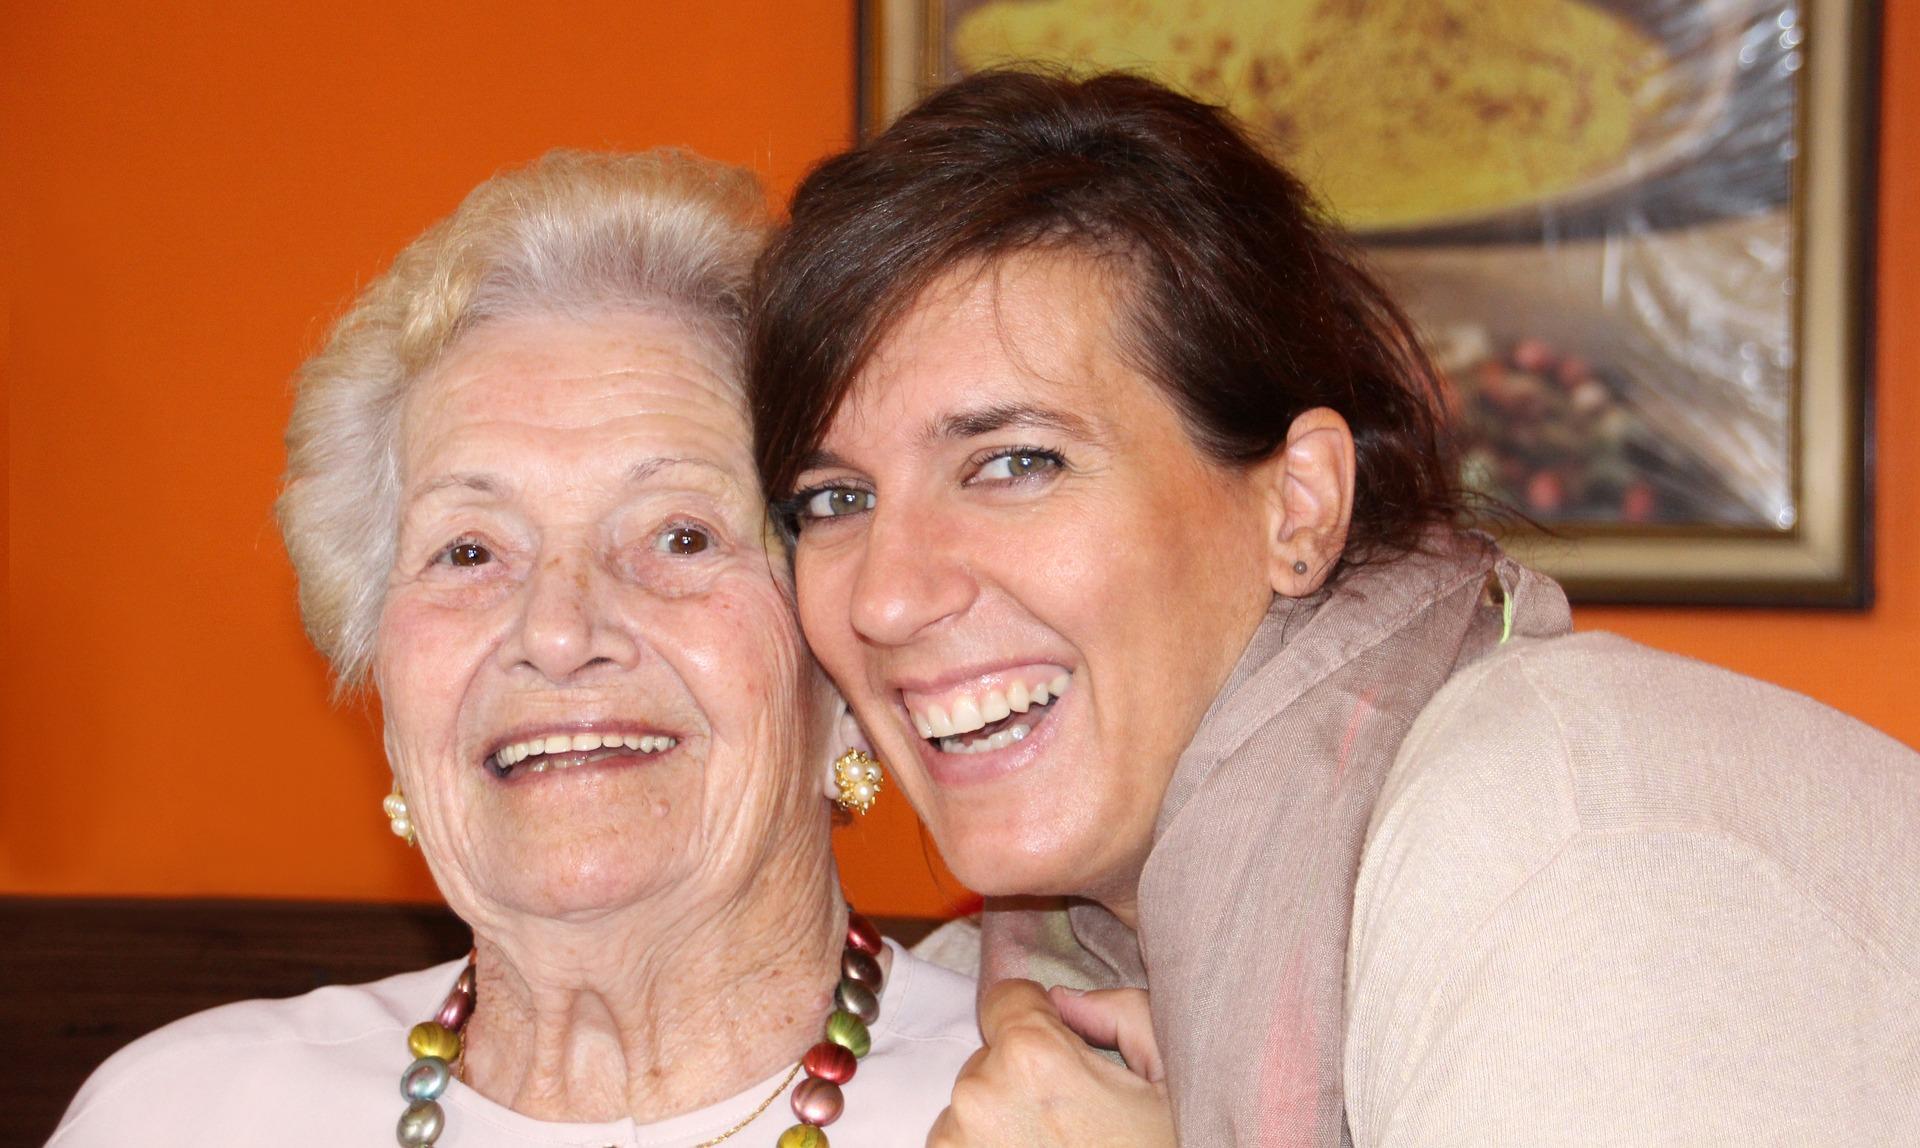 Mujeres abrazadas sonriendo